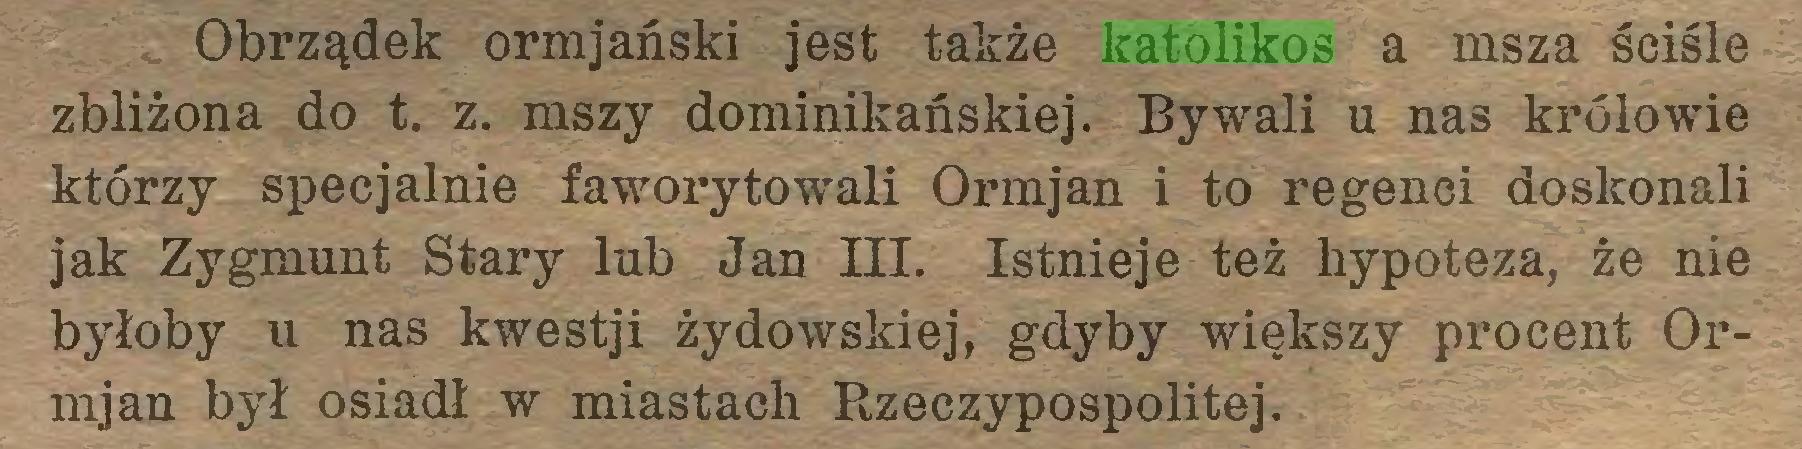 (...) Obrządek ormjański jest także katolikos a msza ściśle zbliżona do t. z. mszy dominikańskiej. Bywali u nas królowie którzy specjalnie faworytowali Ormjan i to regenci doskonali jak Zygmunt Stary lub Jan III. Istnieje też hypoteza, że nie byłoby u nas kwestji żydowskiej, gdyby większy procent Ormjan był osiadł w miastach Rzeczypospolitej...